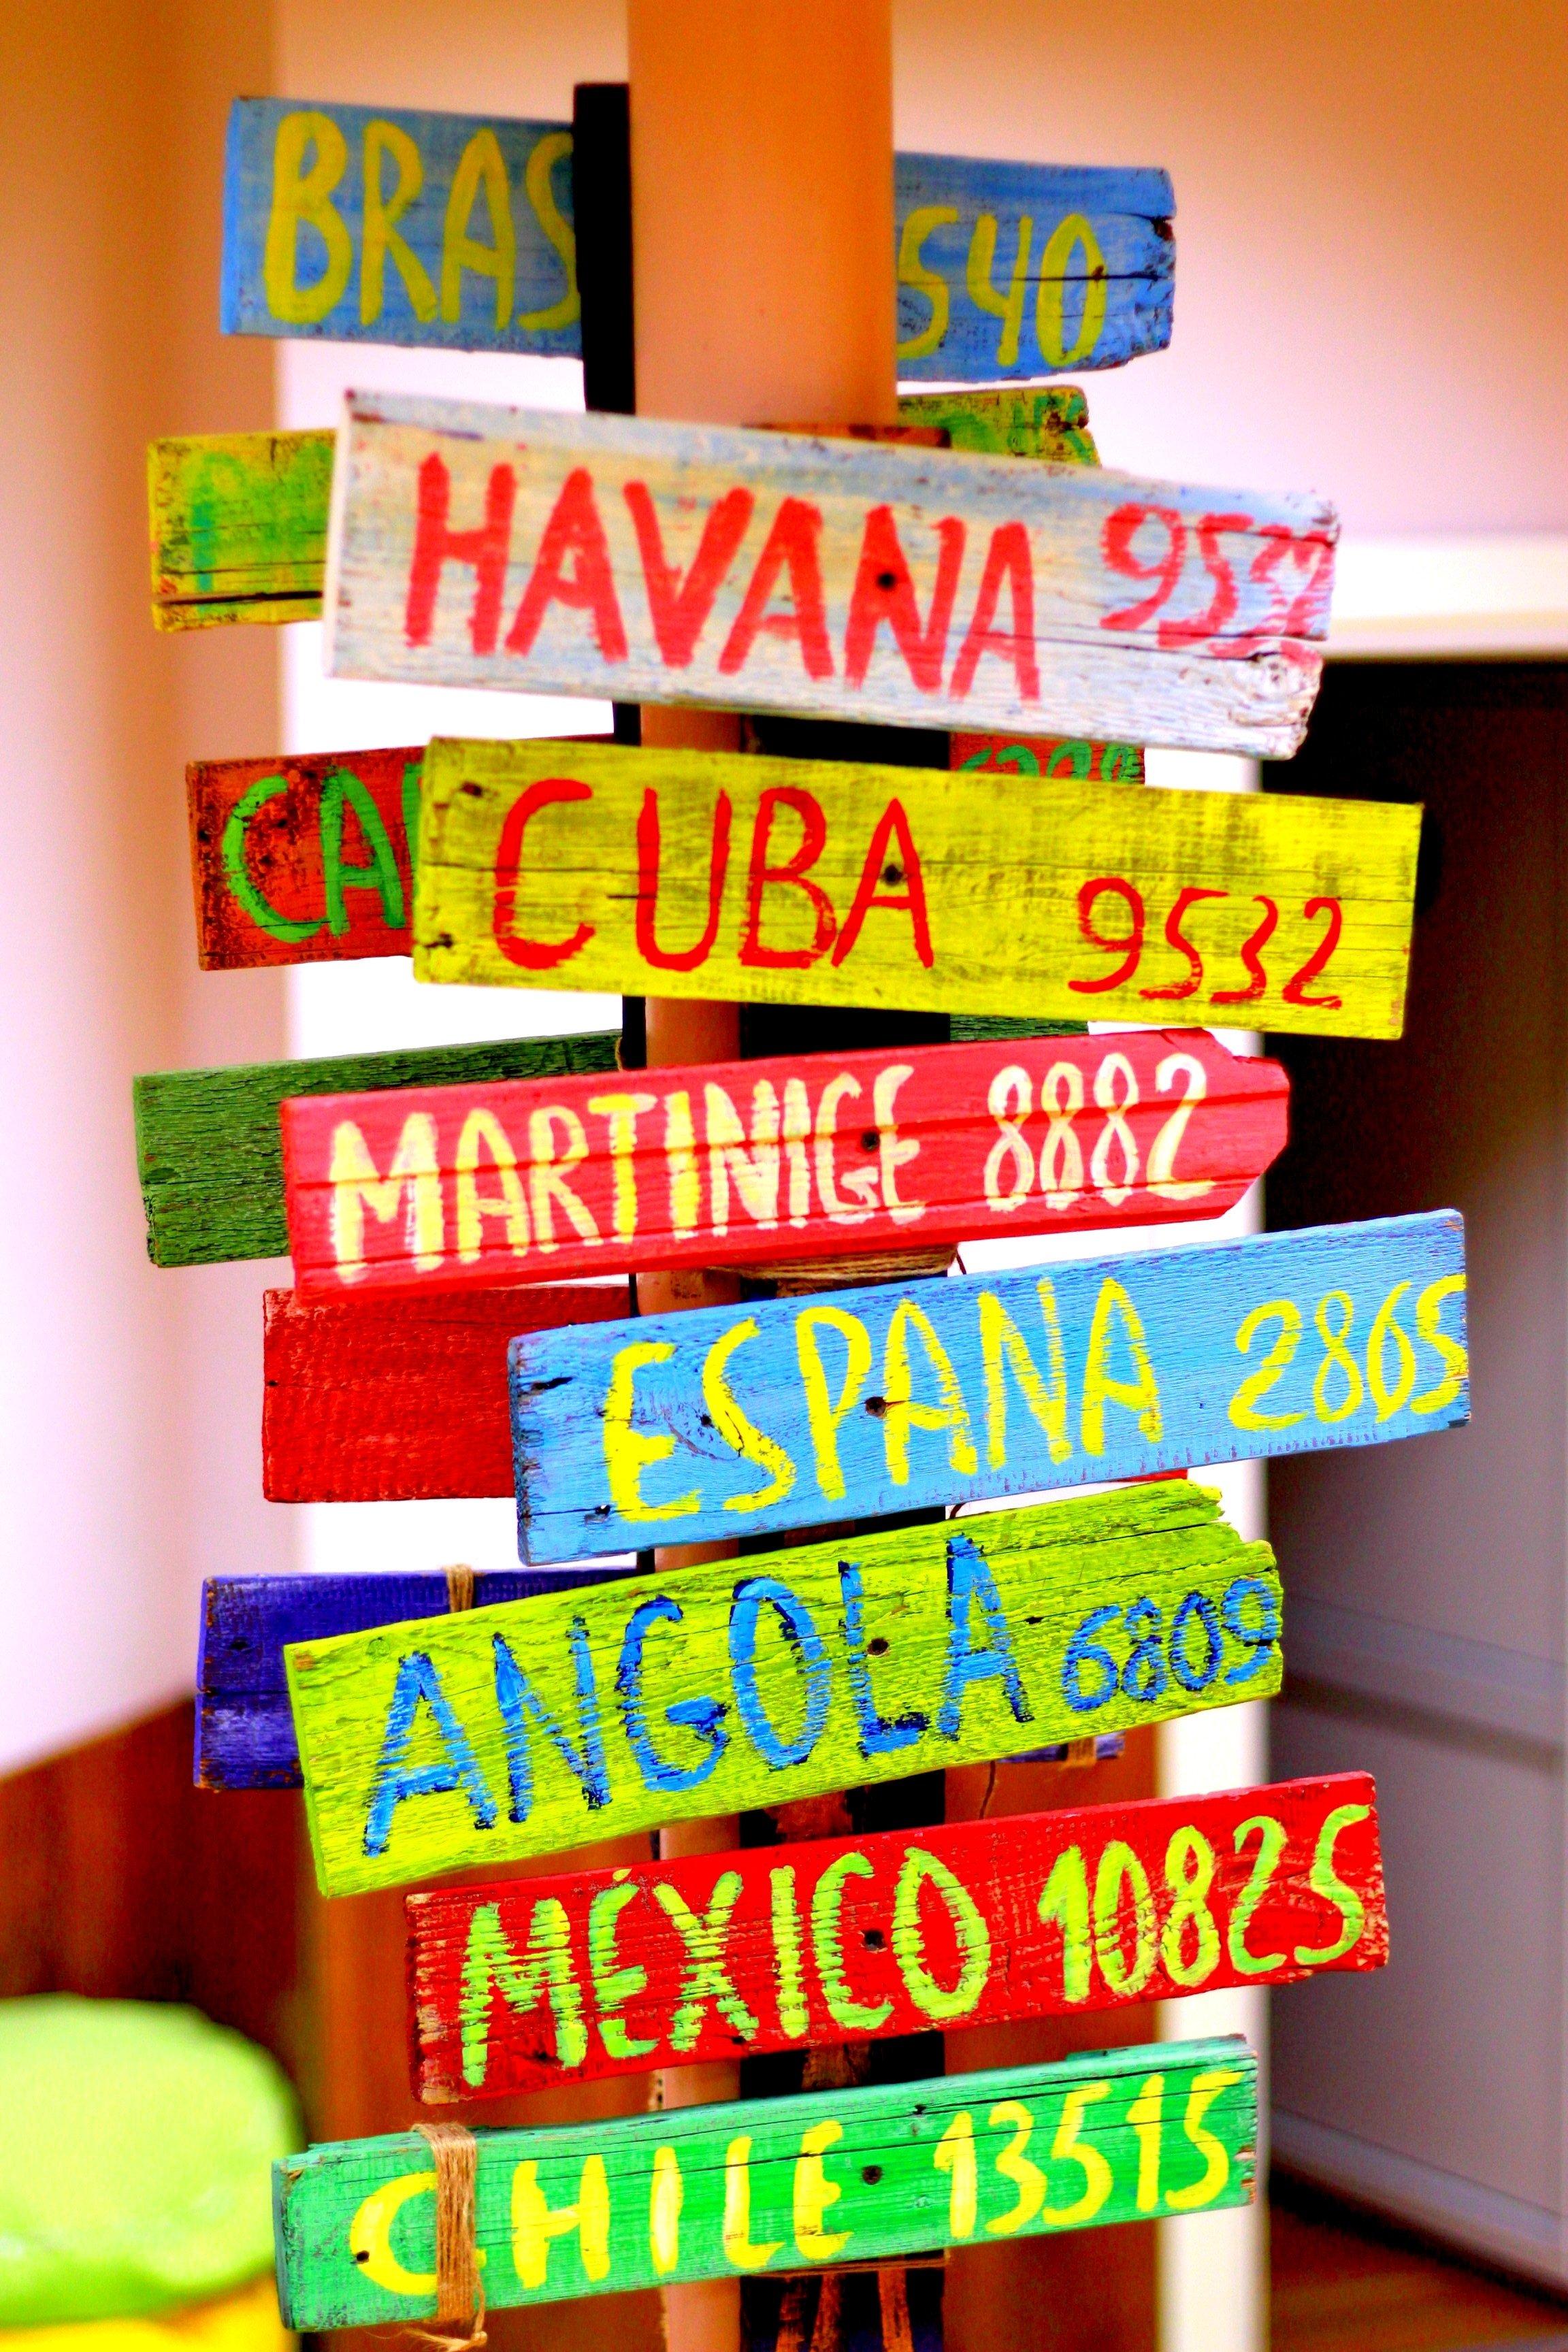 10 Unique Fiesta Party Ideas For Adults d0bcd0b5d0bad181d0b8d0bad0b0d0bdd181d0bad0b8d0b5 d0b4d0b5d0bad0bed180d0b0d186d0b8d0b8d0b1d183d0bcd0b0d0b6d0bdd18bd0b5 d186d0b2d0b5 1 2020